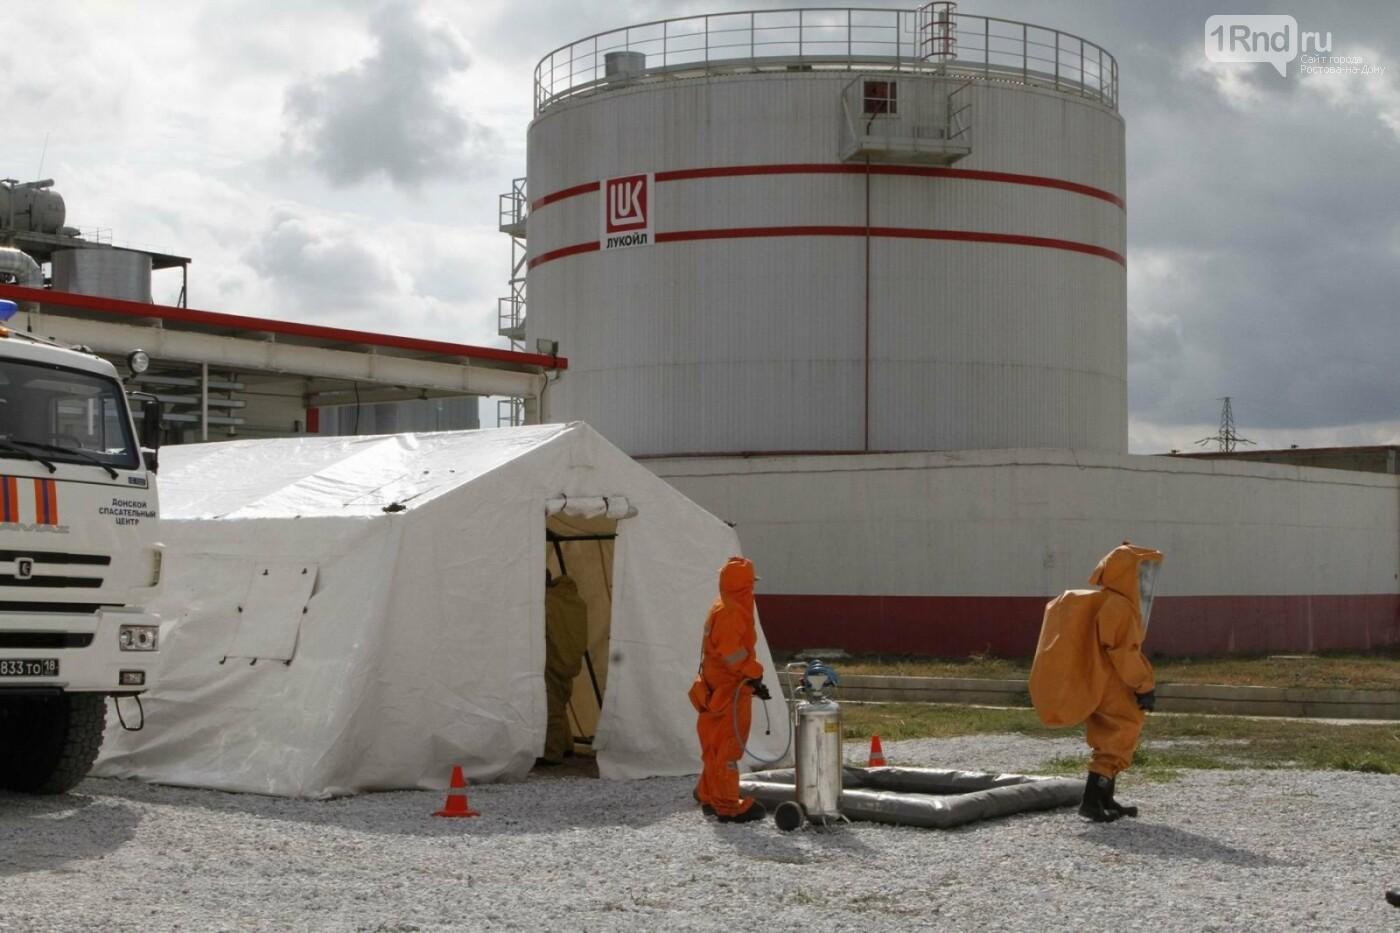 Последствия учебного взрыва на ТЭЦ-2 в Ростове ликвидировали спасатели, фото-1